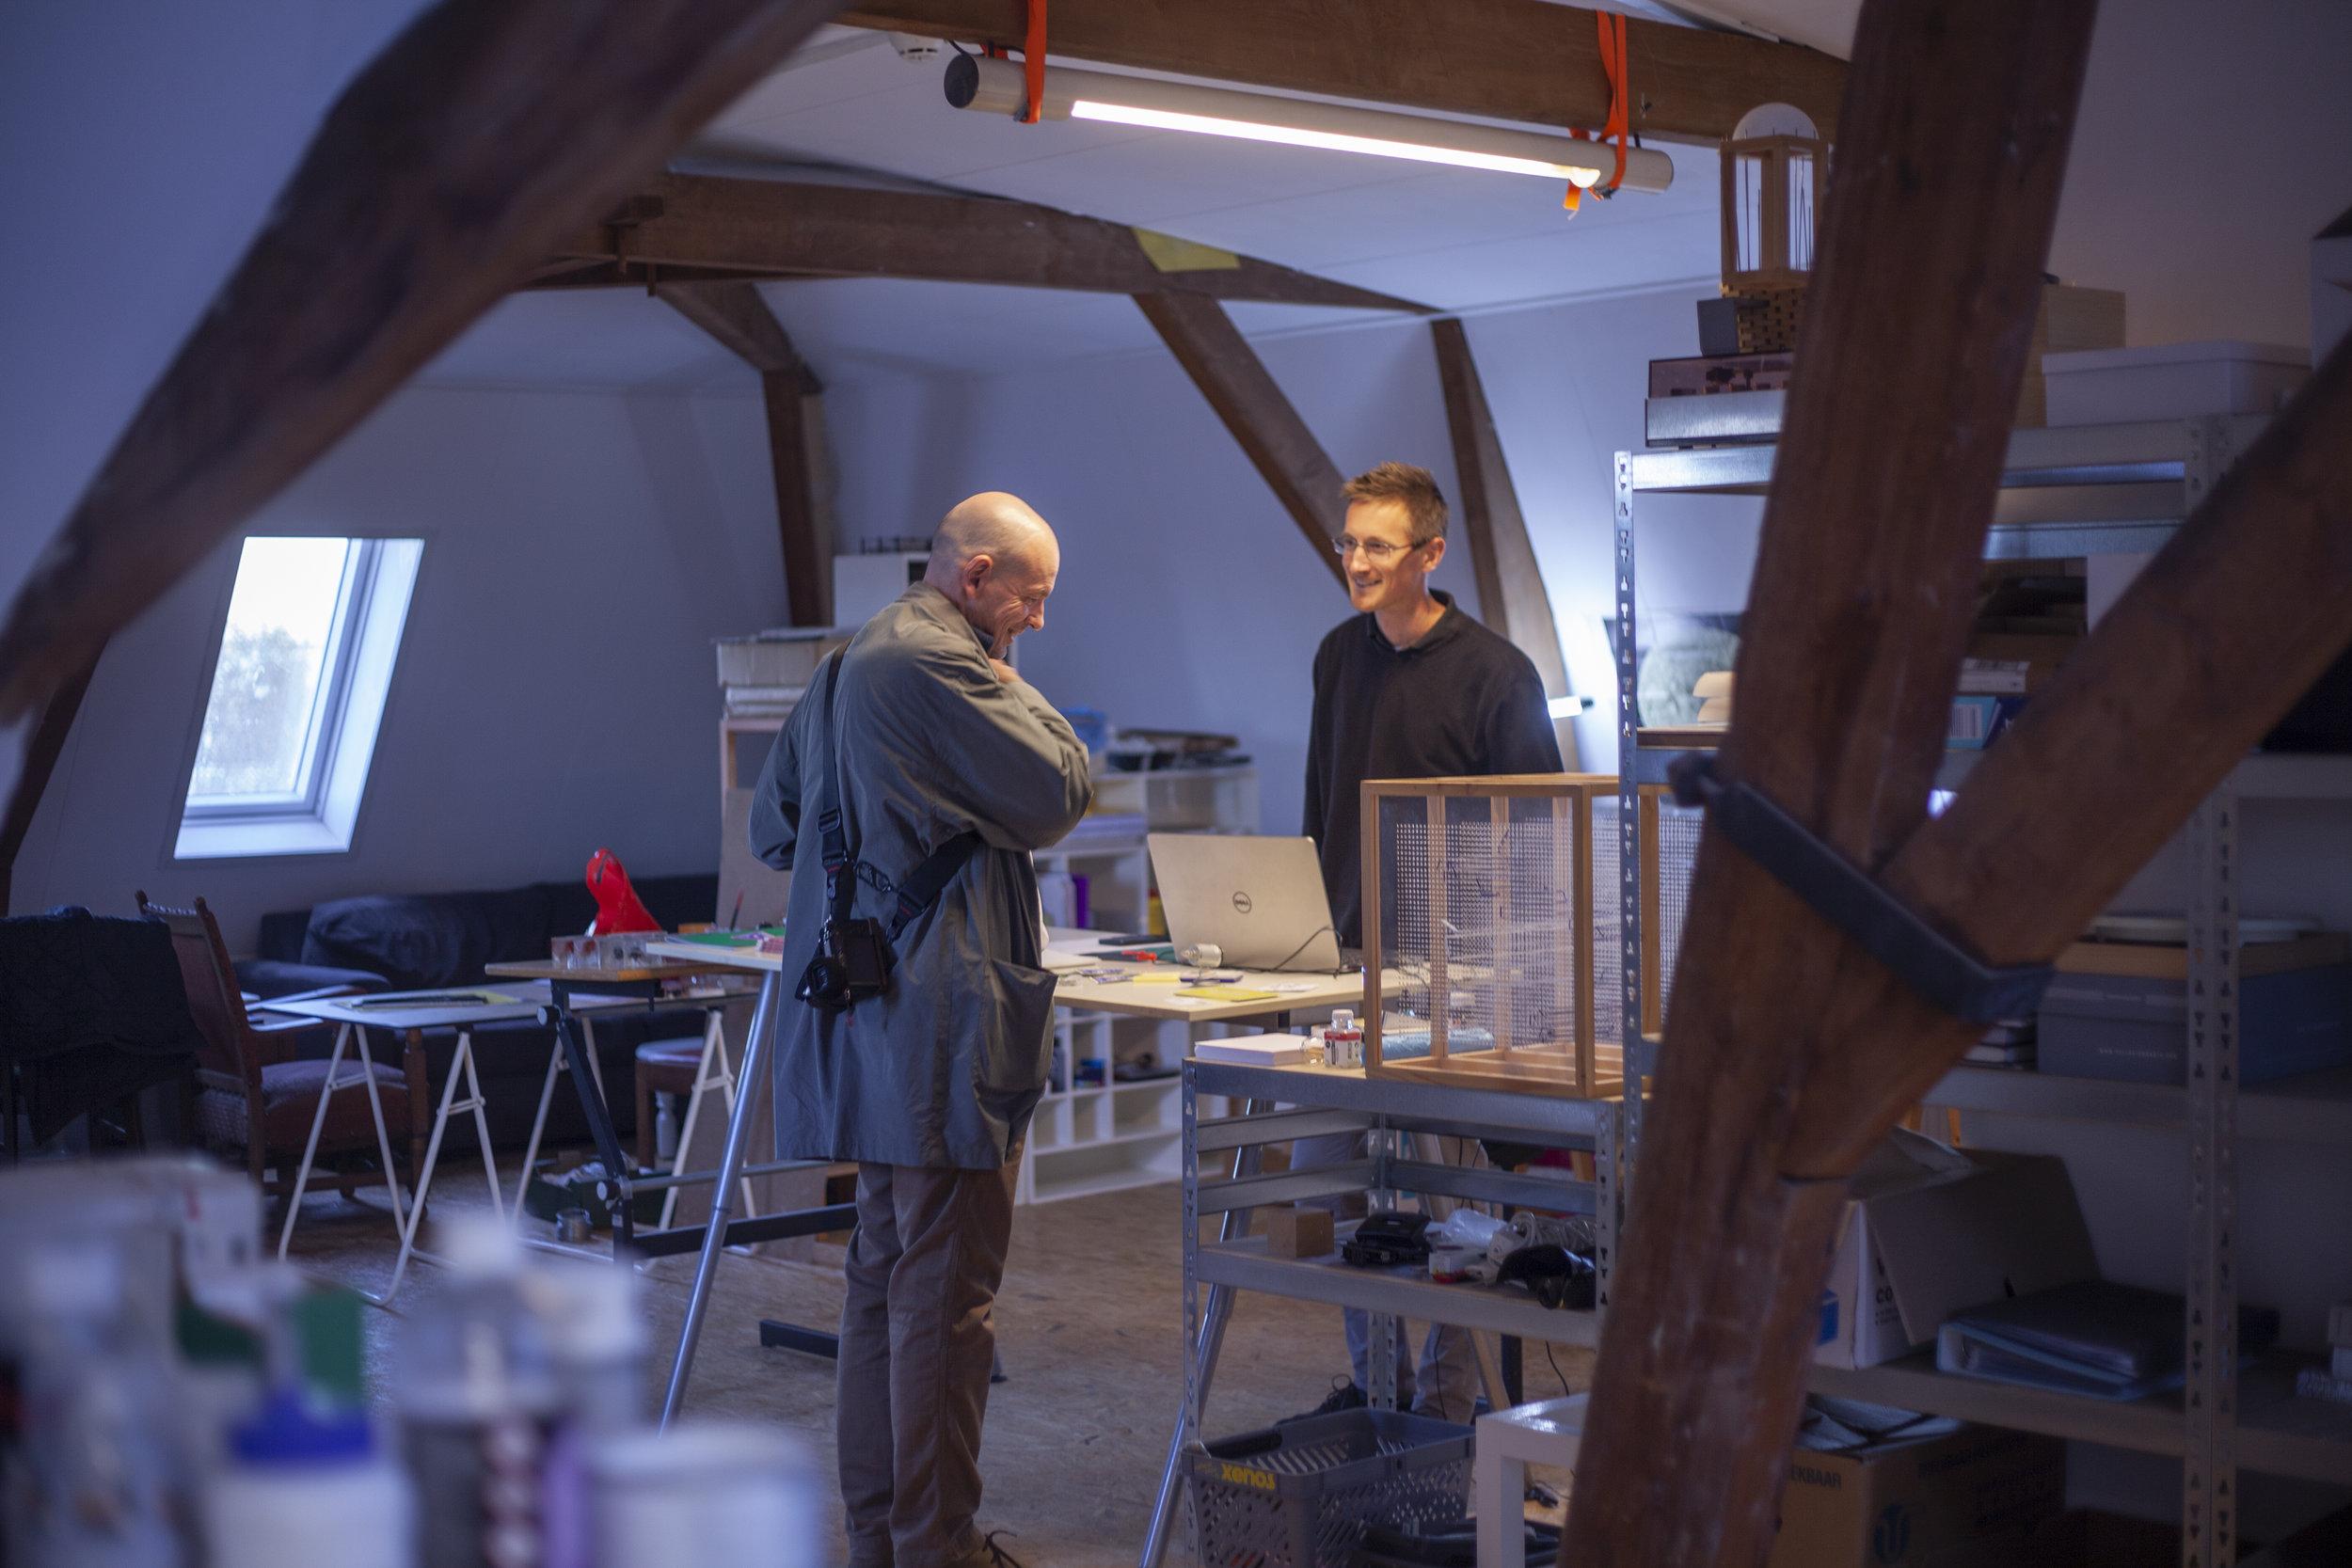 studio Jorick de Quaasteniet